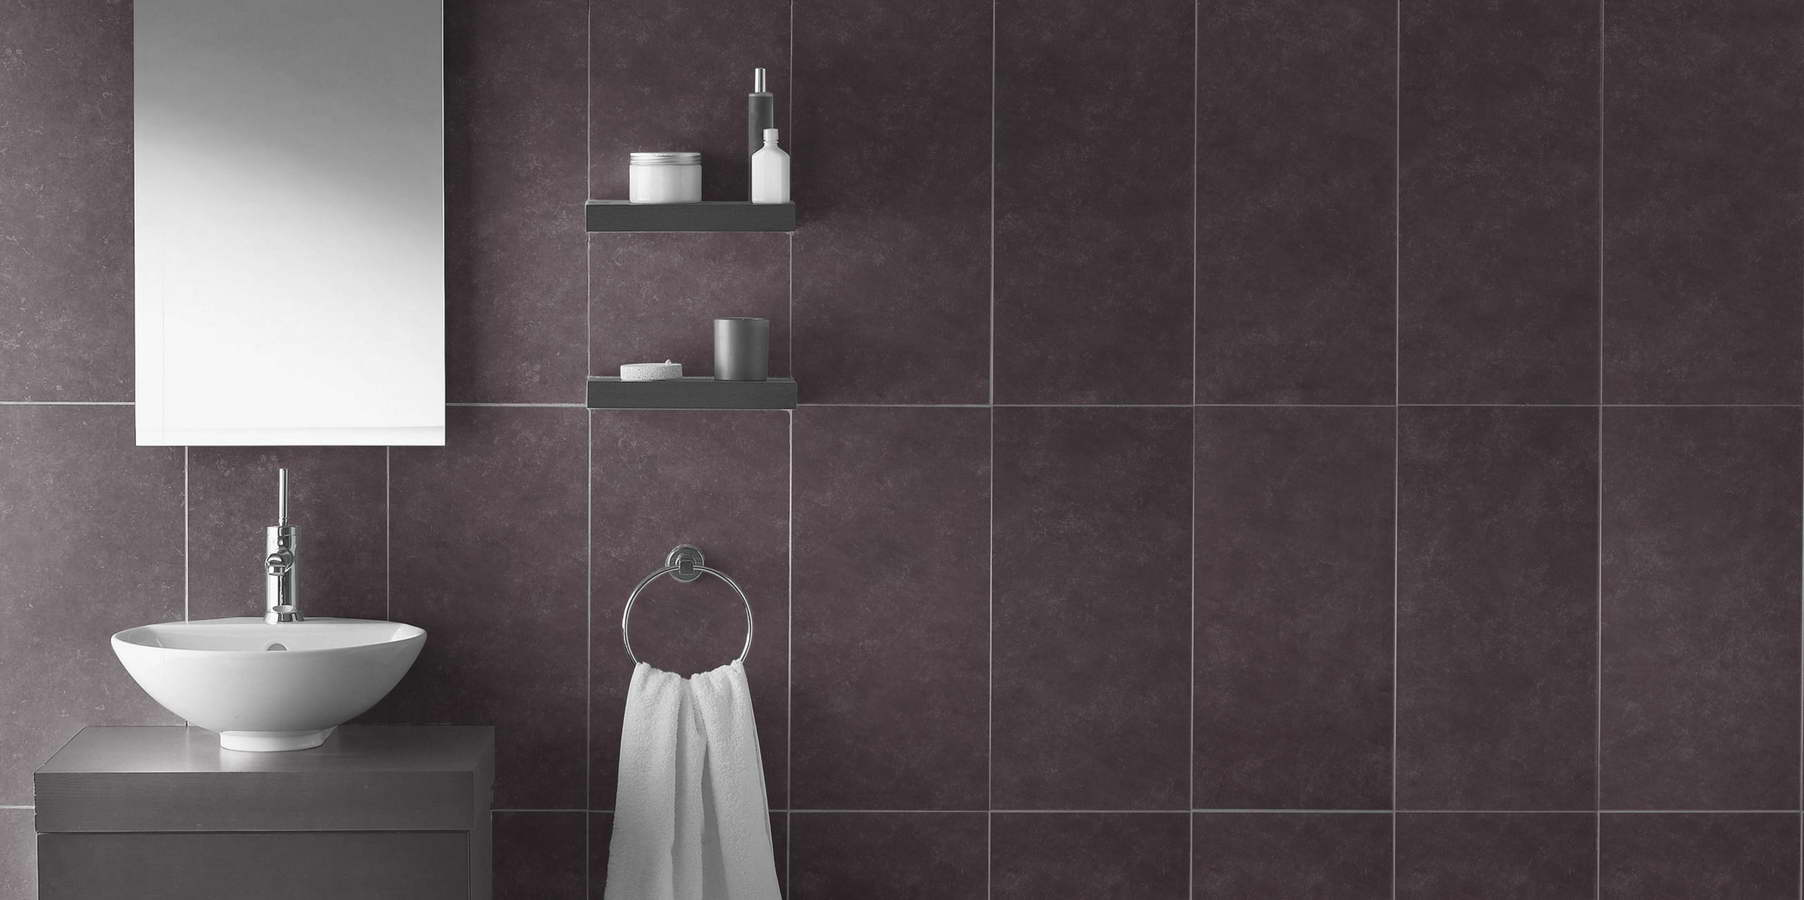 Design di interni bagno in ardesia viola rivestimento pareti piastrelle balfin stone - Piastrelle di ardesia ...